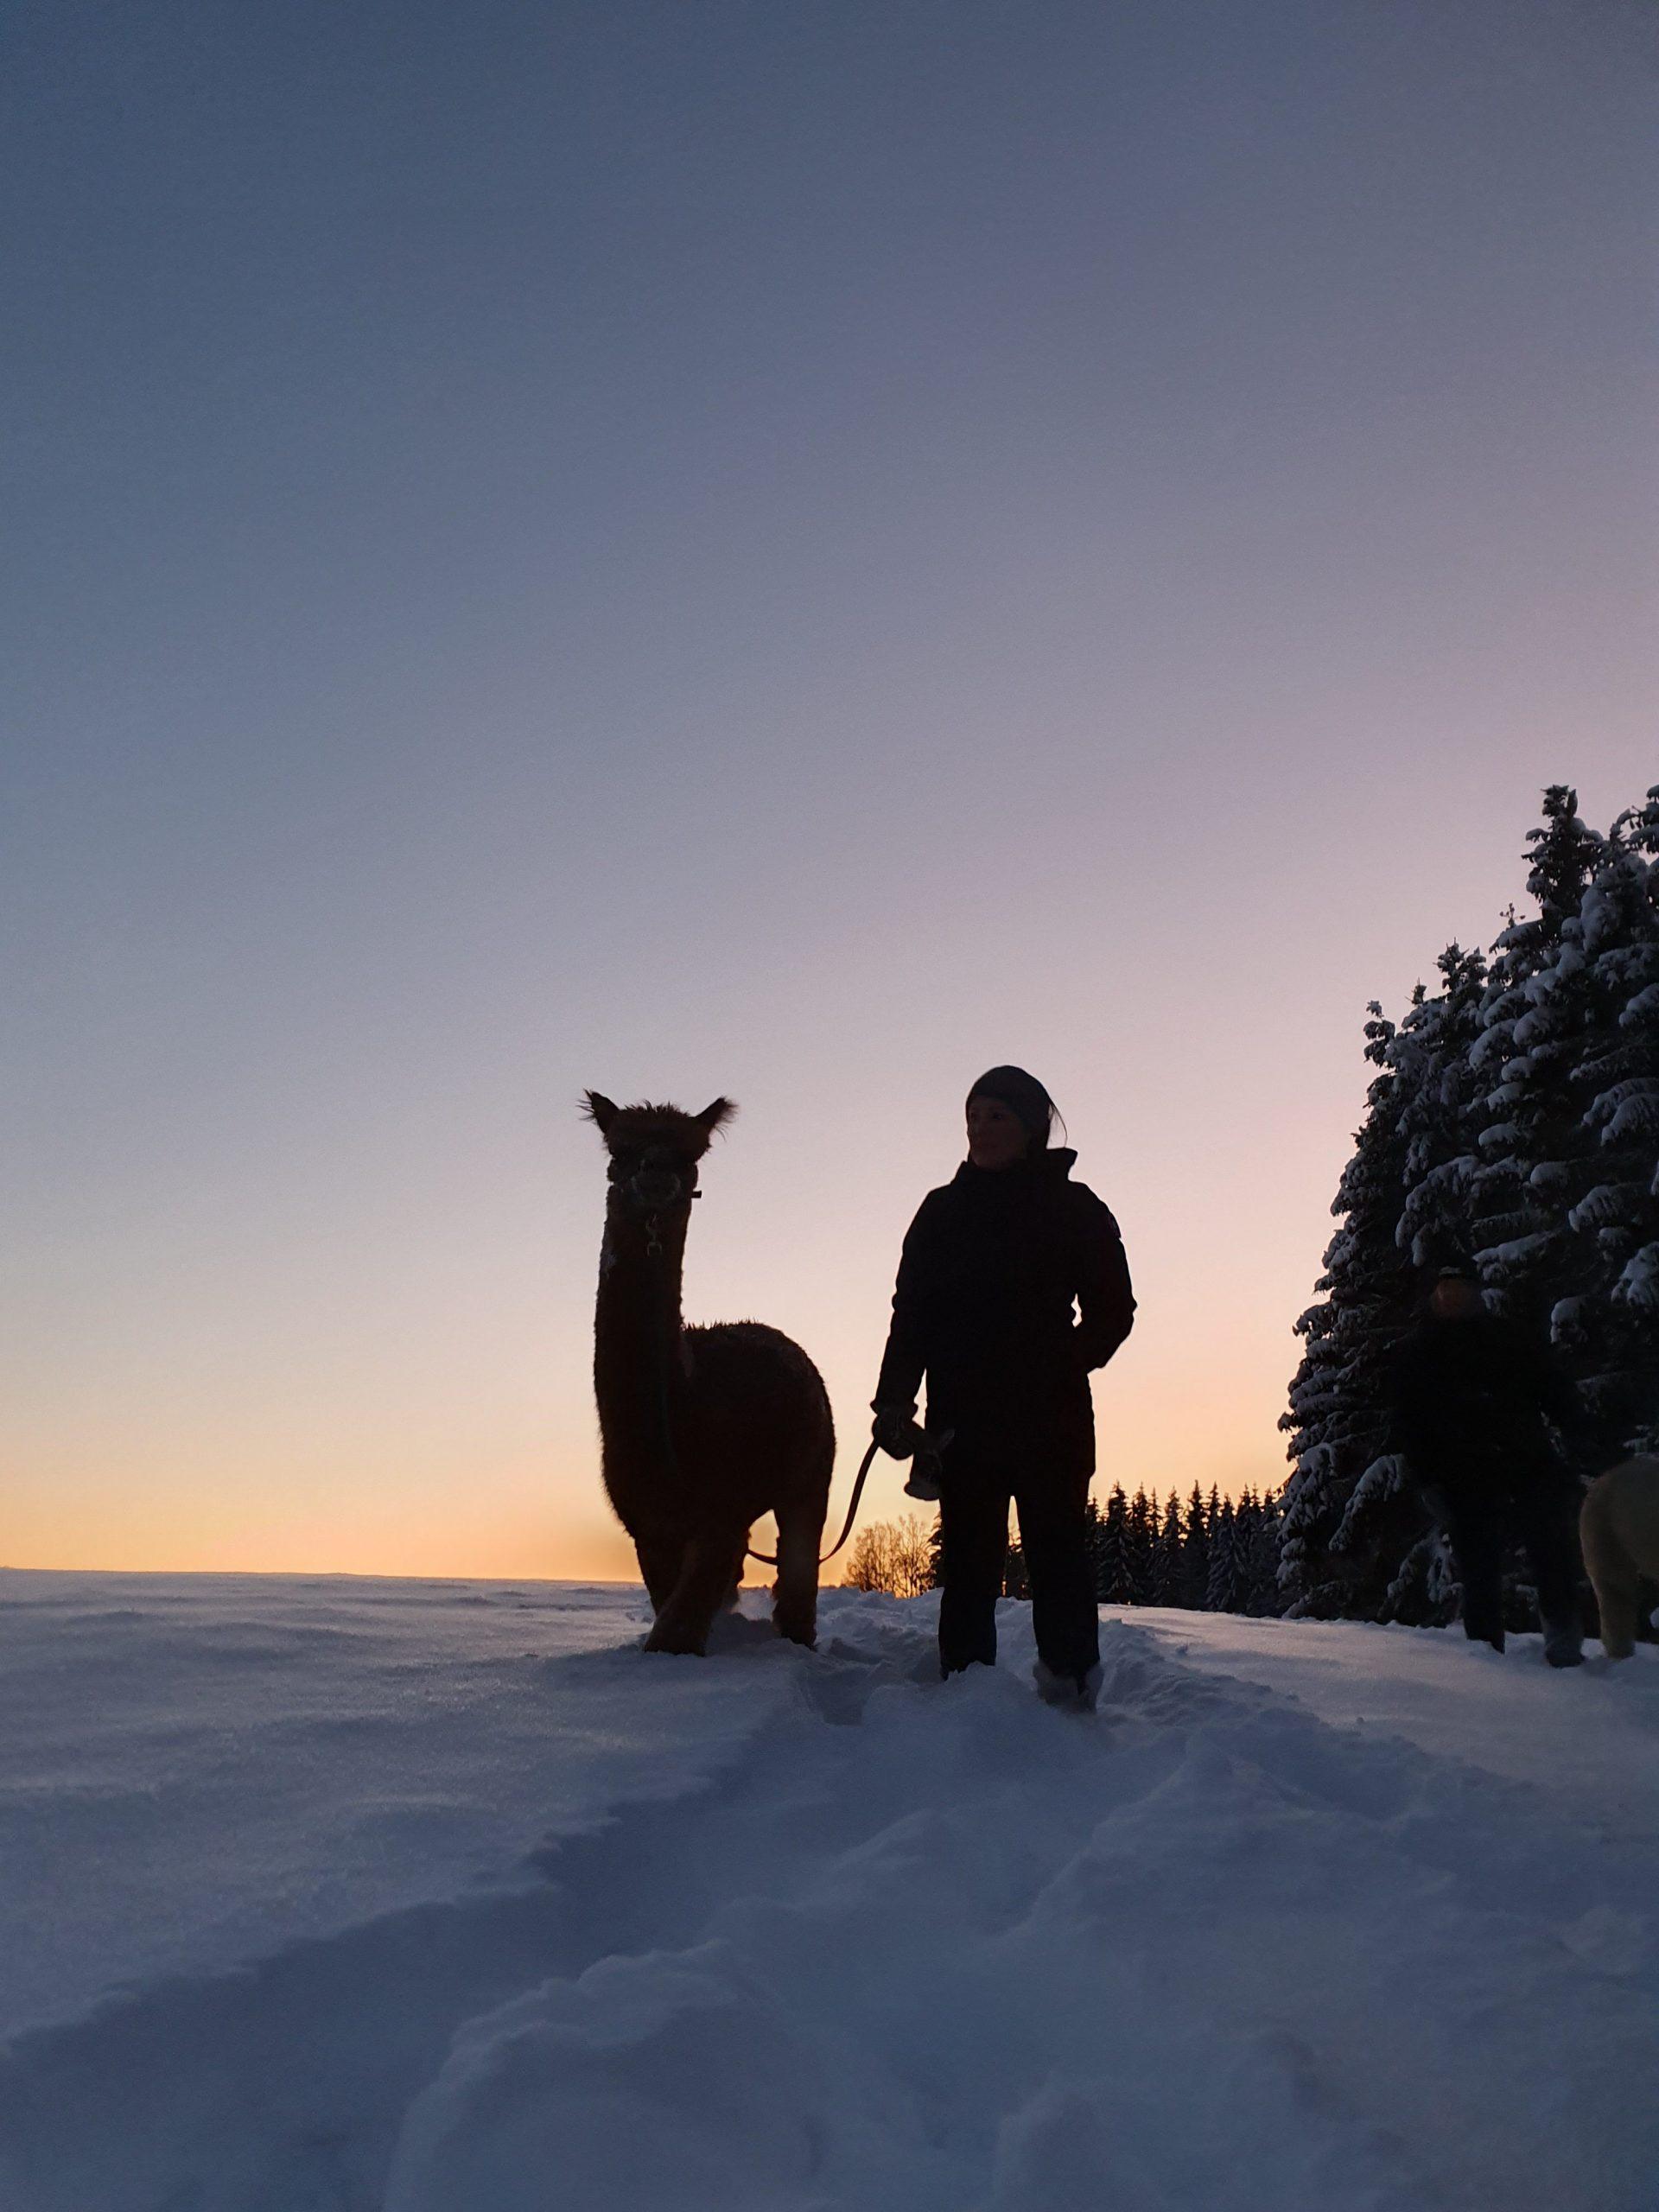 Alpakkavandring i vinterland og solnedgang